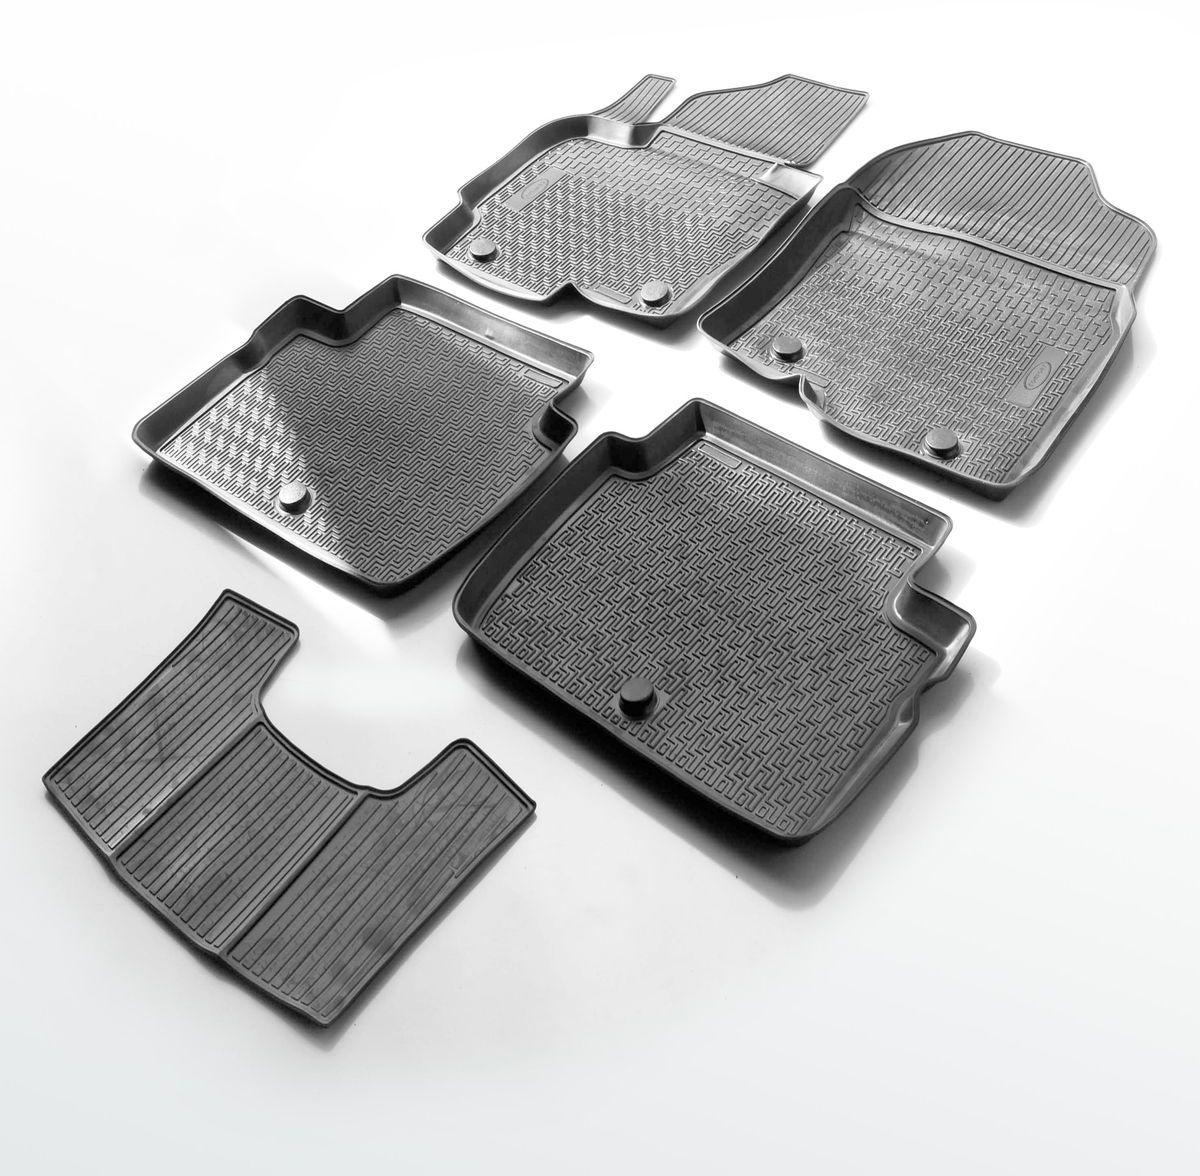 Коврики салона Rival для Toyota Camry 2014-, c перемычкой, полиуретан15701002Прочные и долговечные коврики Rival в салон автомобиля, изготовлены из высококачественного и экологичного сырья. Коврики полностью повторяют геометрию салона вашего автомобиля.- Надежная система крепления, позволяющая закрепить коврик на штатные элементы фиксации, в результате чего отсутствует эффект скольжения по салону автомобиля.- Высокая стойкость поверхности к стиранию.- Специализированный рисунок и высокий борт, препятствующие распространению грязи и жидкости по поверхности коврика.- Перемычка задних ковриков в комплекте предотвращает загрязнение тоннеля карданного вала.- Коврики произведены из первичных материалов, в результате чего отсутствует неприятный запах в салоне автомобиля.- Высокая эластичность, можно беспрепятственно эксплуатировать при температуре от -45°C до +45°C. Уважаемые клиенты! Обращаем ваше внимание, что коврики имеют форму, соответствующую модели данного автомобиля. Фото служит для визуального восприятия товара.